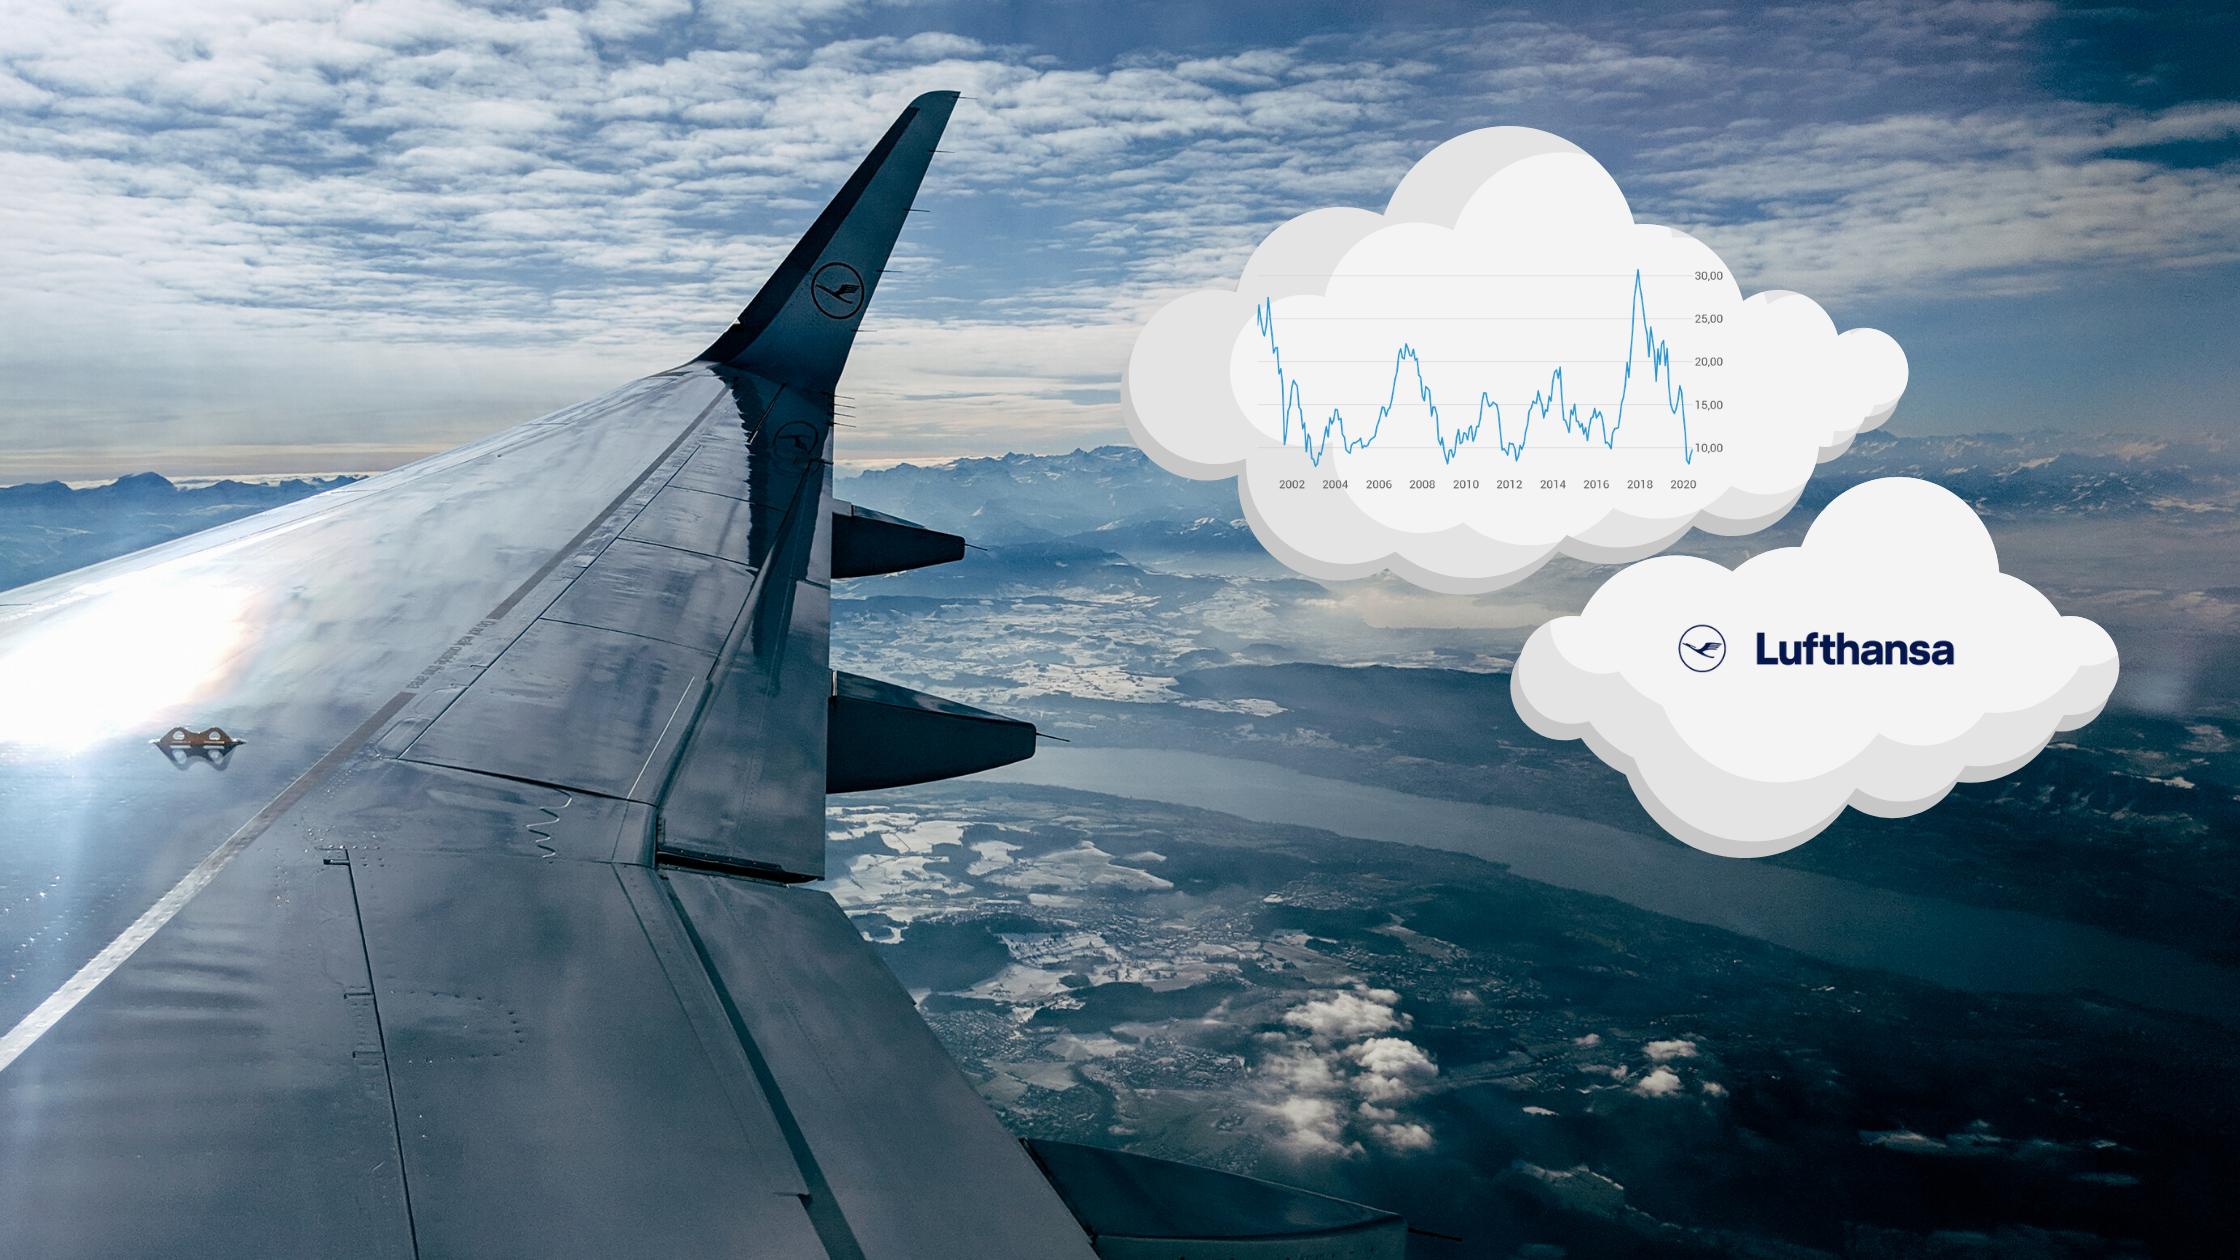 Lufthansa AG: Sinkflug oder Trendwende?